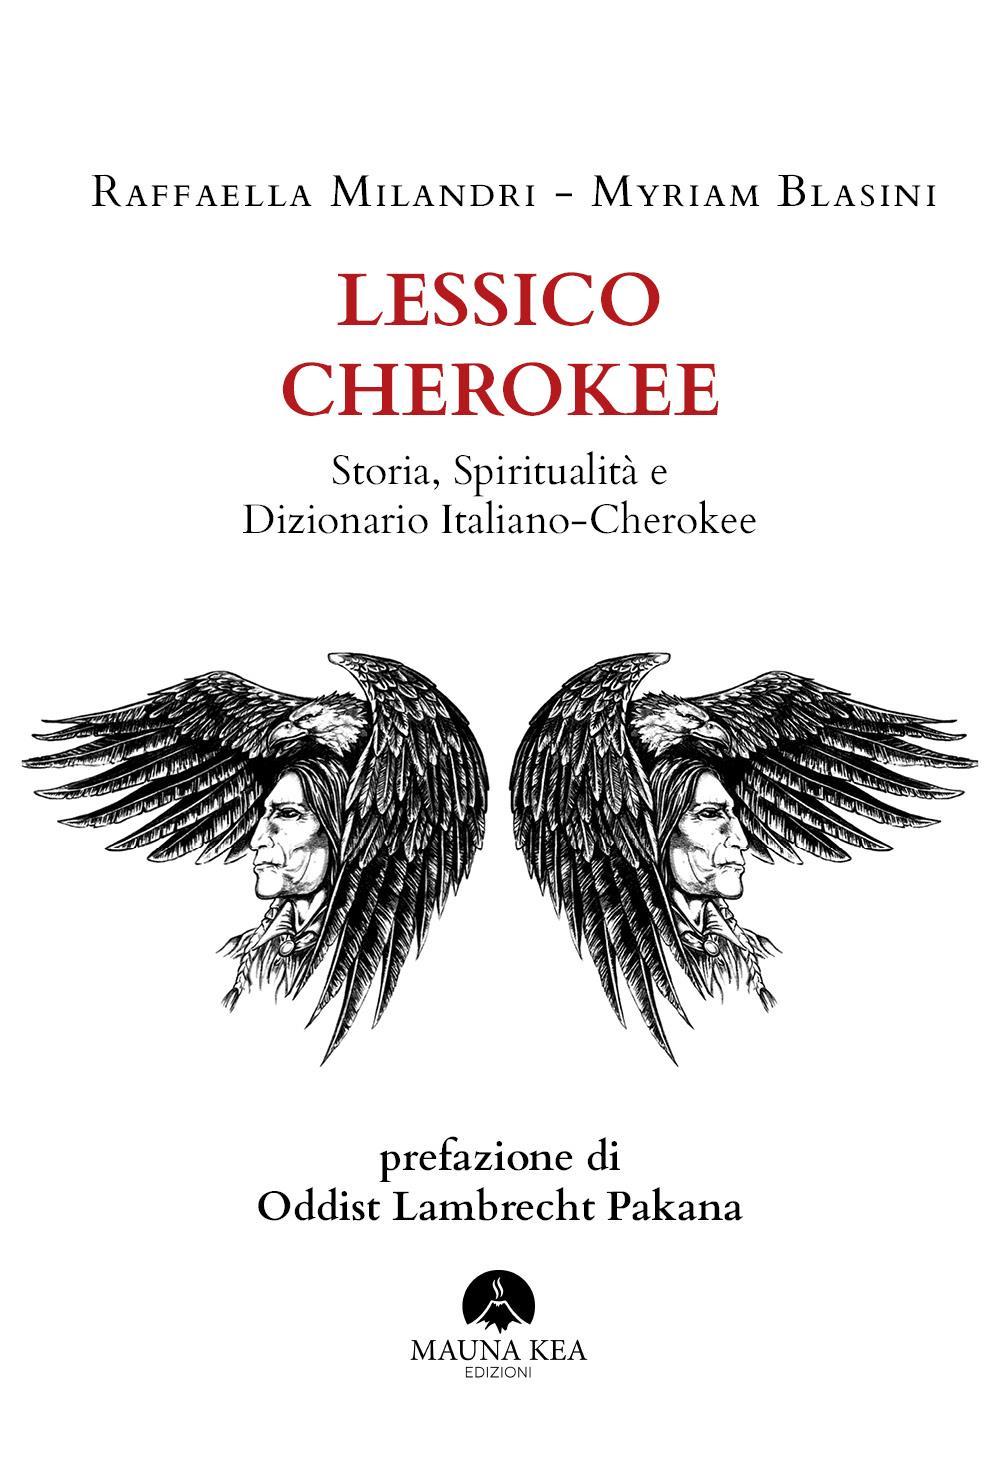 Lessico Cherokee. Storia, Spiritualità e Dizionario Italiano-Cherokee